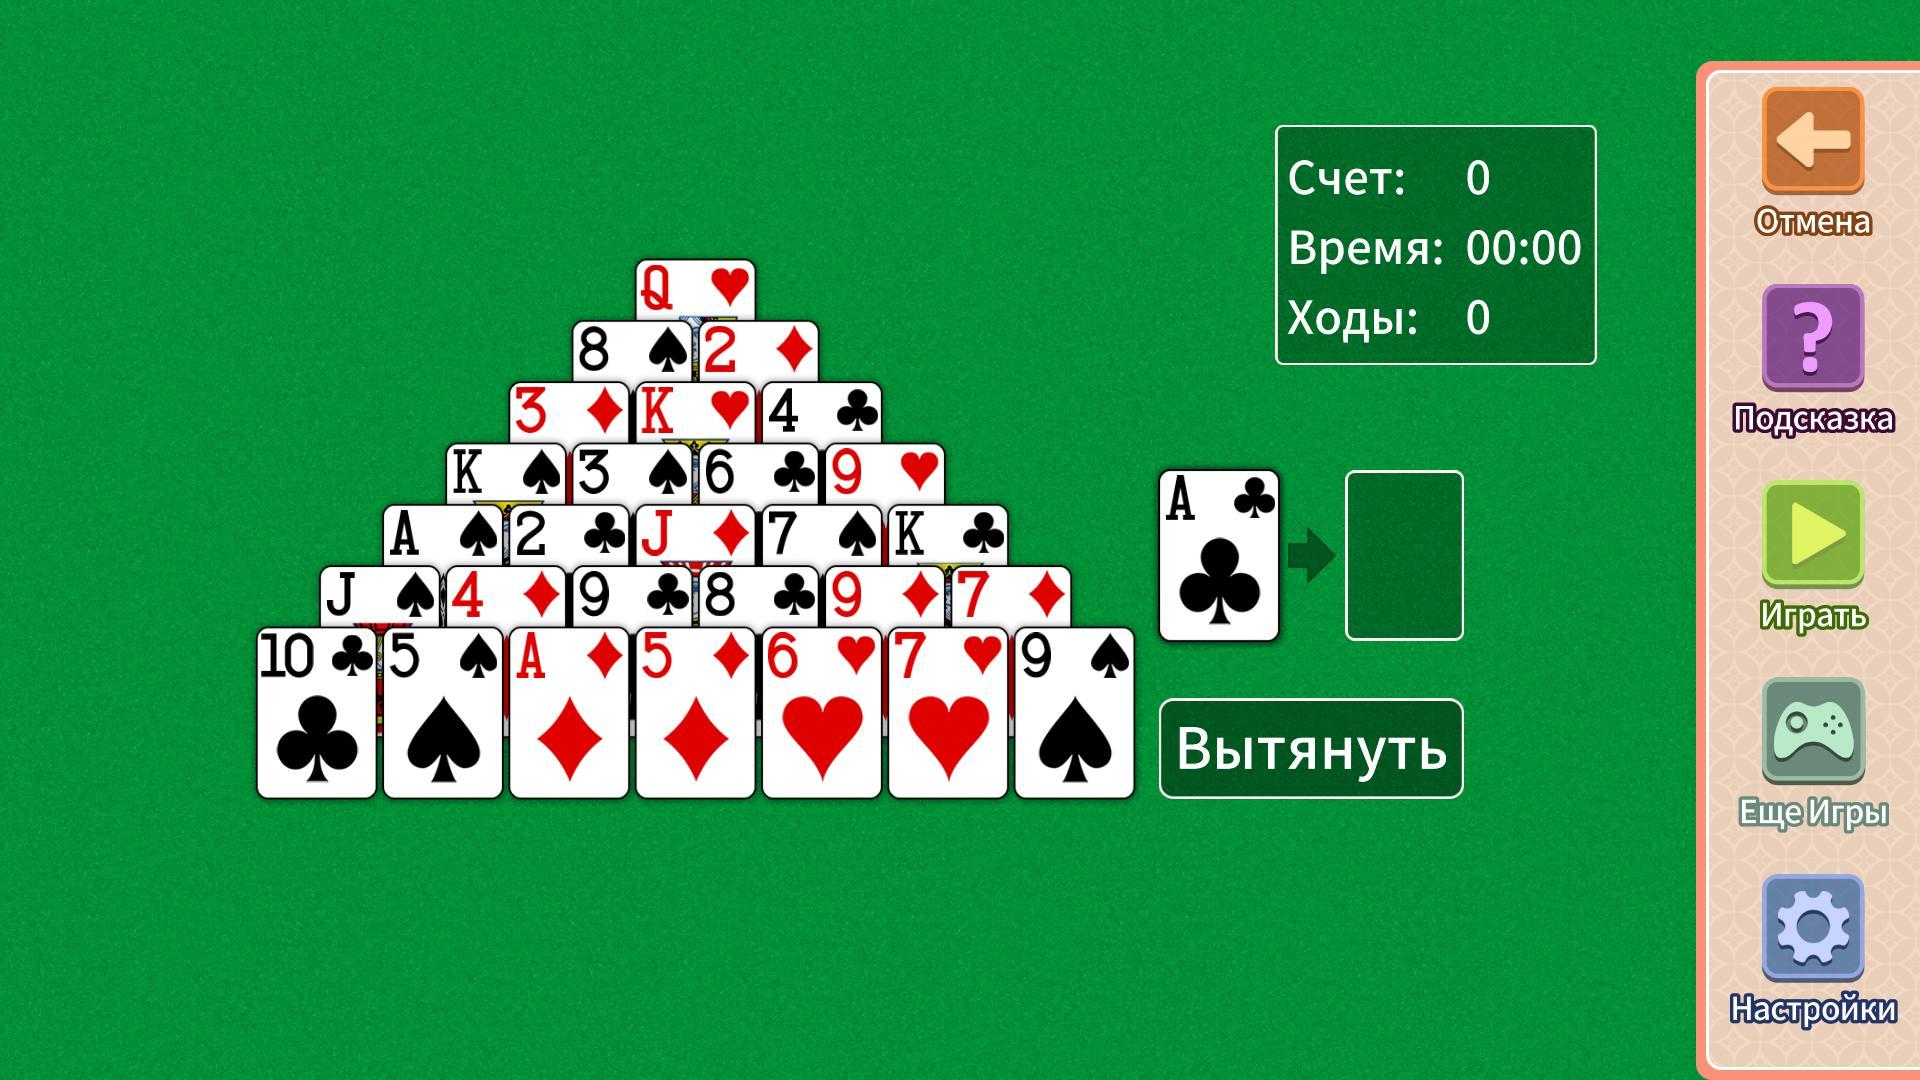 Пасьянс пирамида по 3 карты играть бесплатно бот для казино diamond